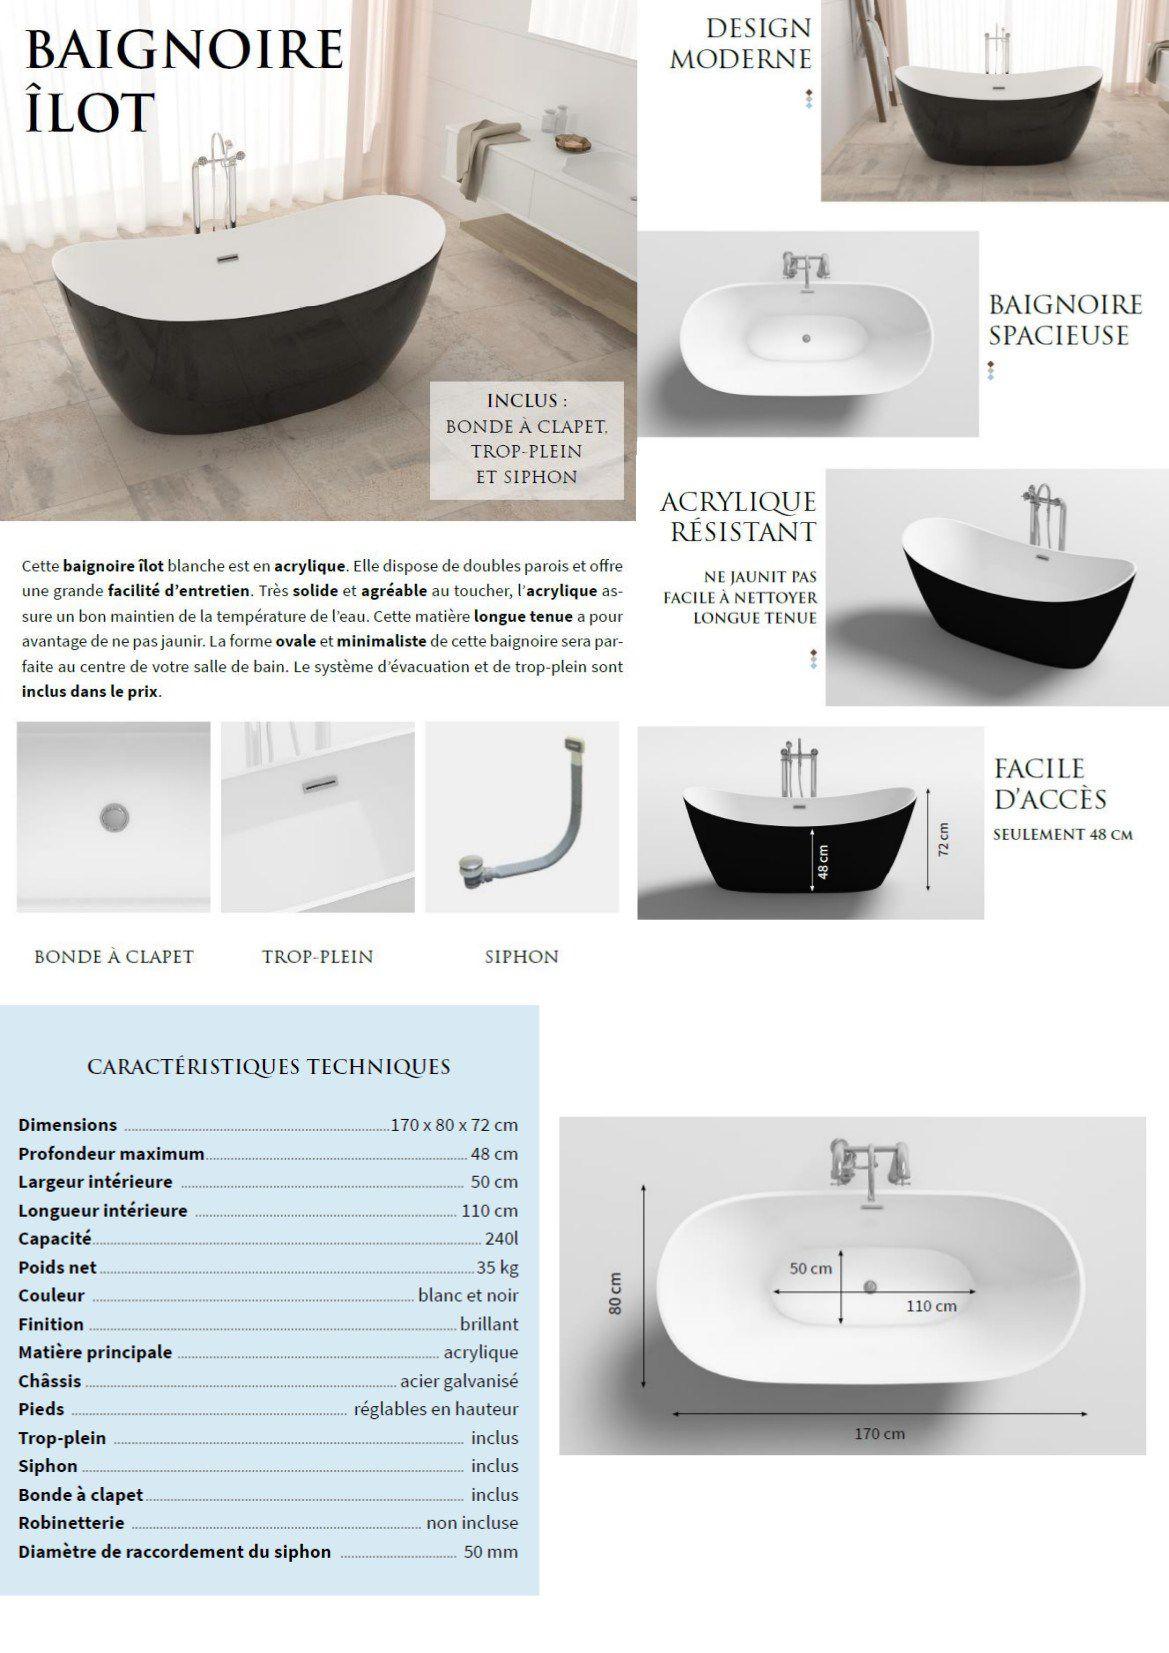 Marche Pour Monter Dans Baignoire baignoire - 170x80x72cm - design bicolore - blanc/noir